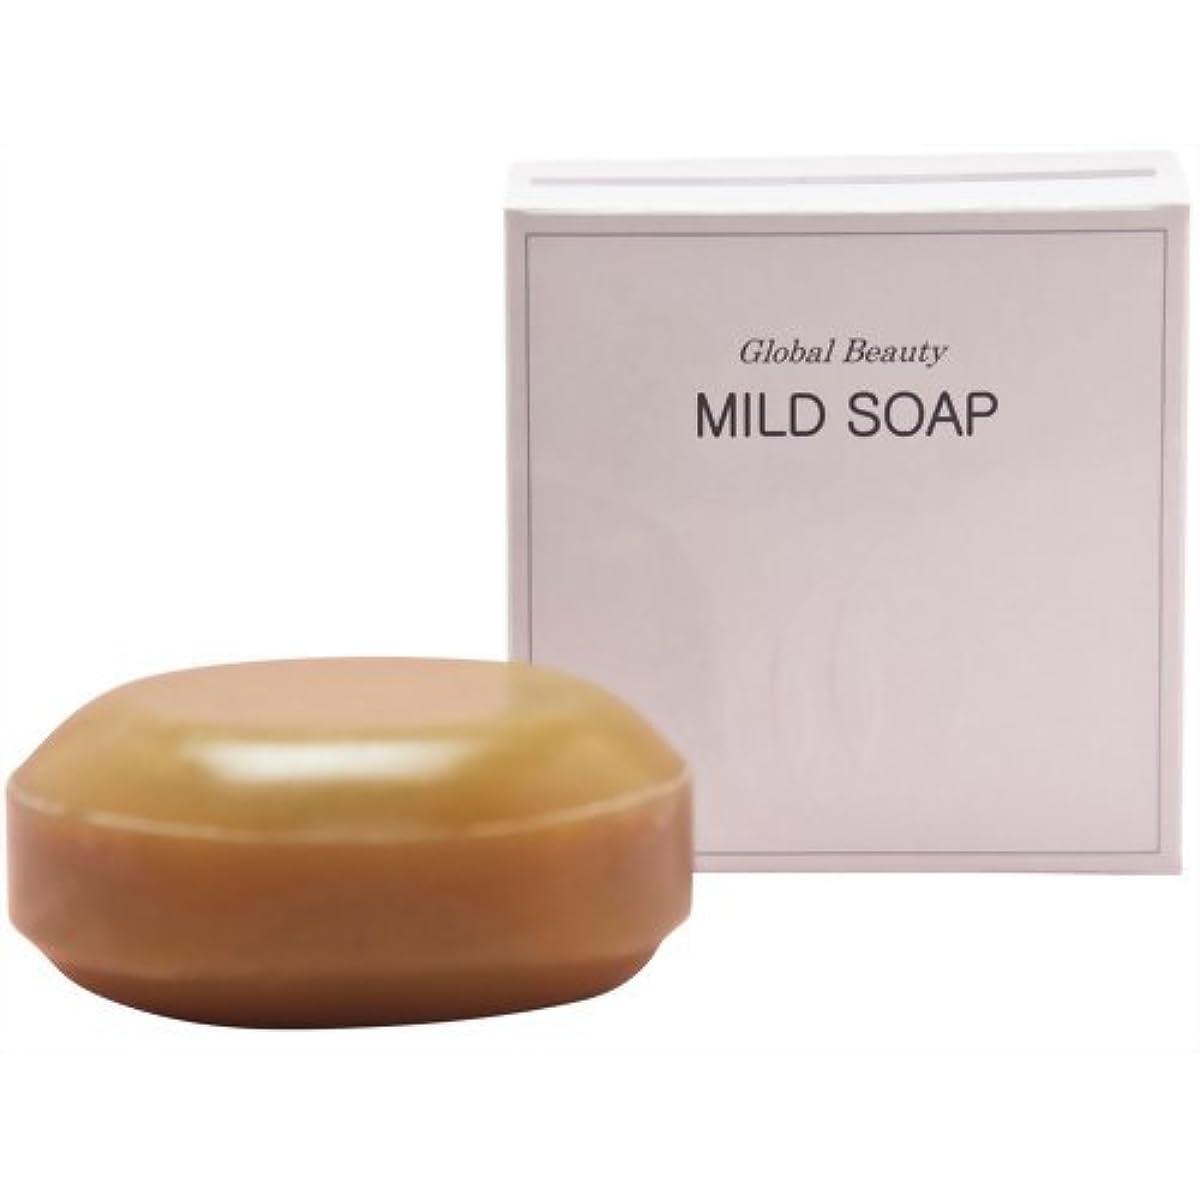 カフェひどく恒久的Global Beauty(グローバルビューティー) グローバルビューティー マイルドソープ(100g) 洗顔